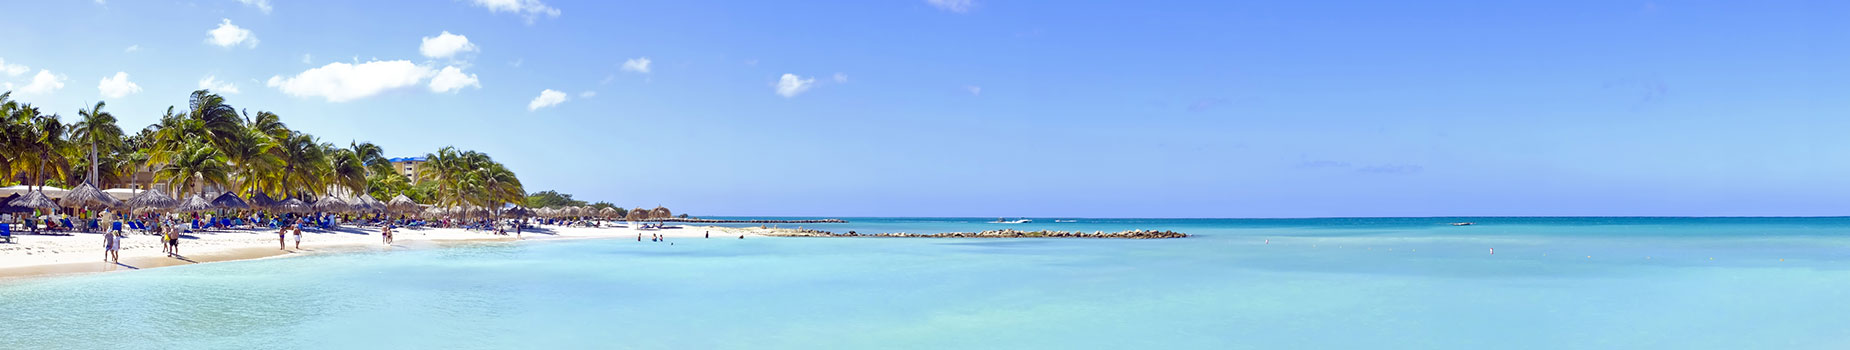 Vliegreis Aruba